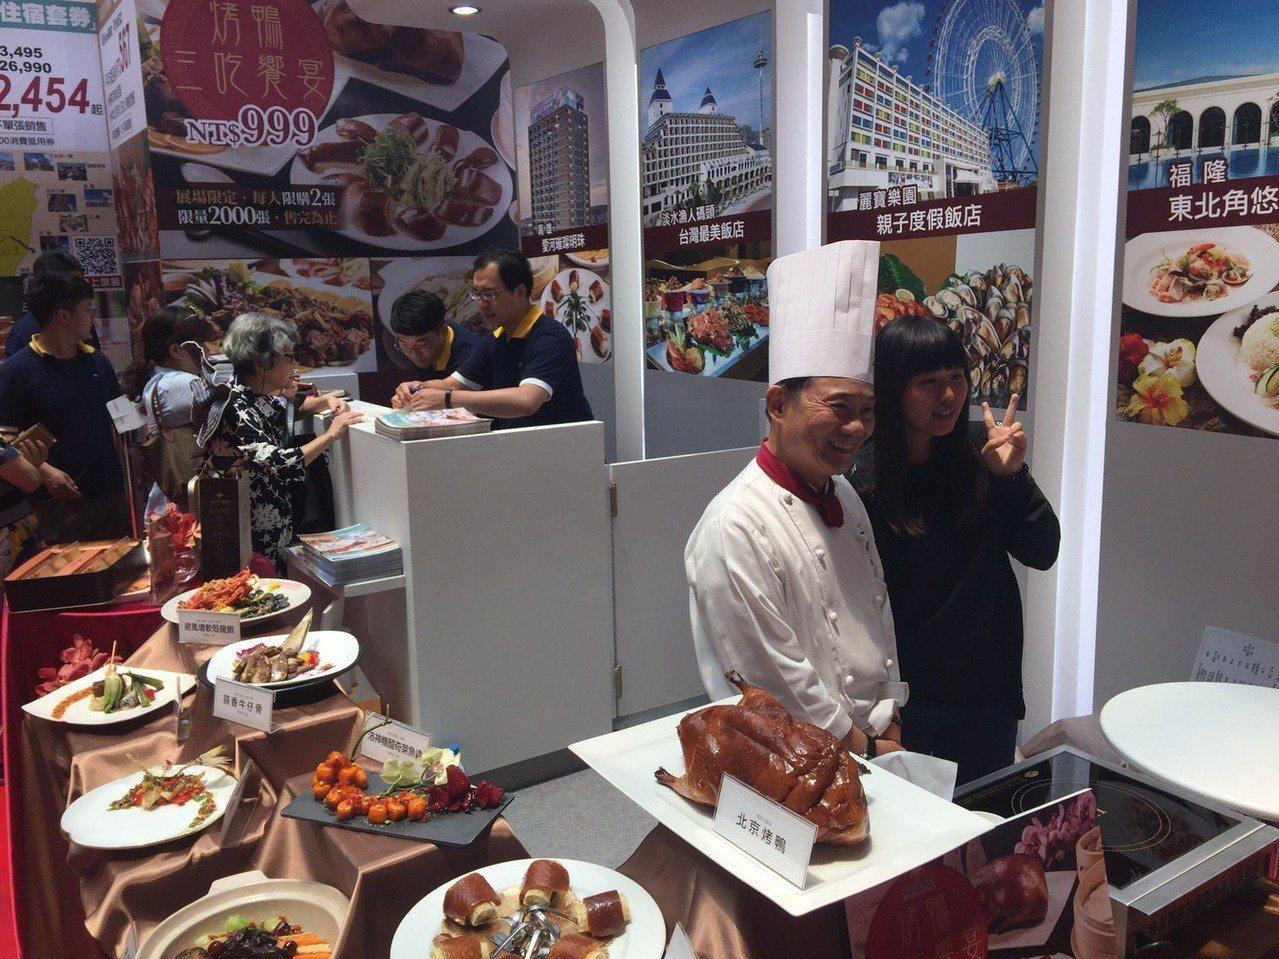 阿基師魅力也稍退,今年美食展第一天人氣火力集中在小吃區。記者羅建怡/攝影